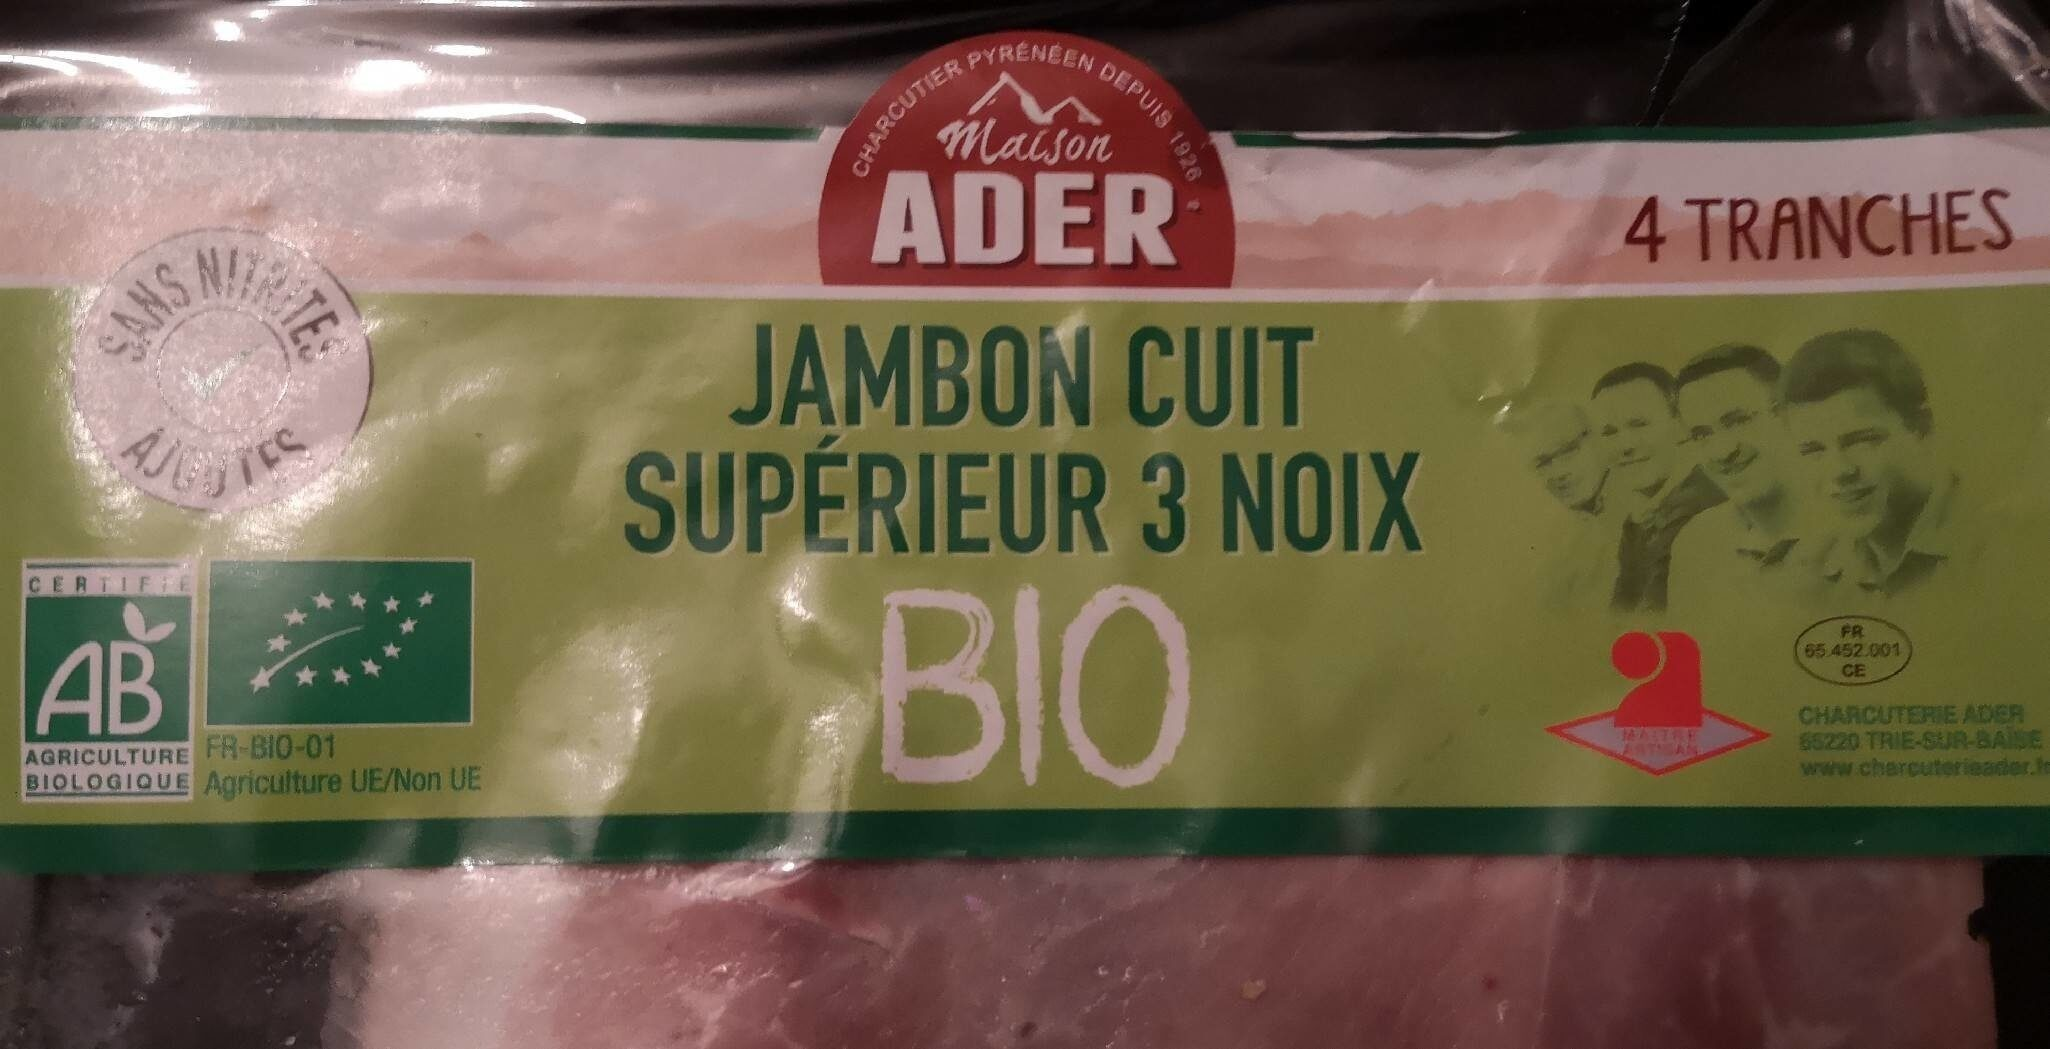 Jambon cuit supérieur 3 noix - Produkt